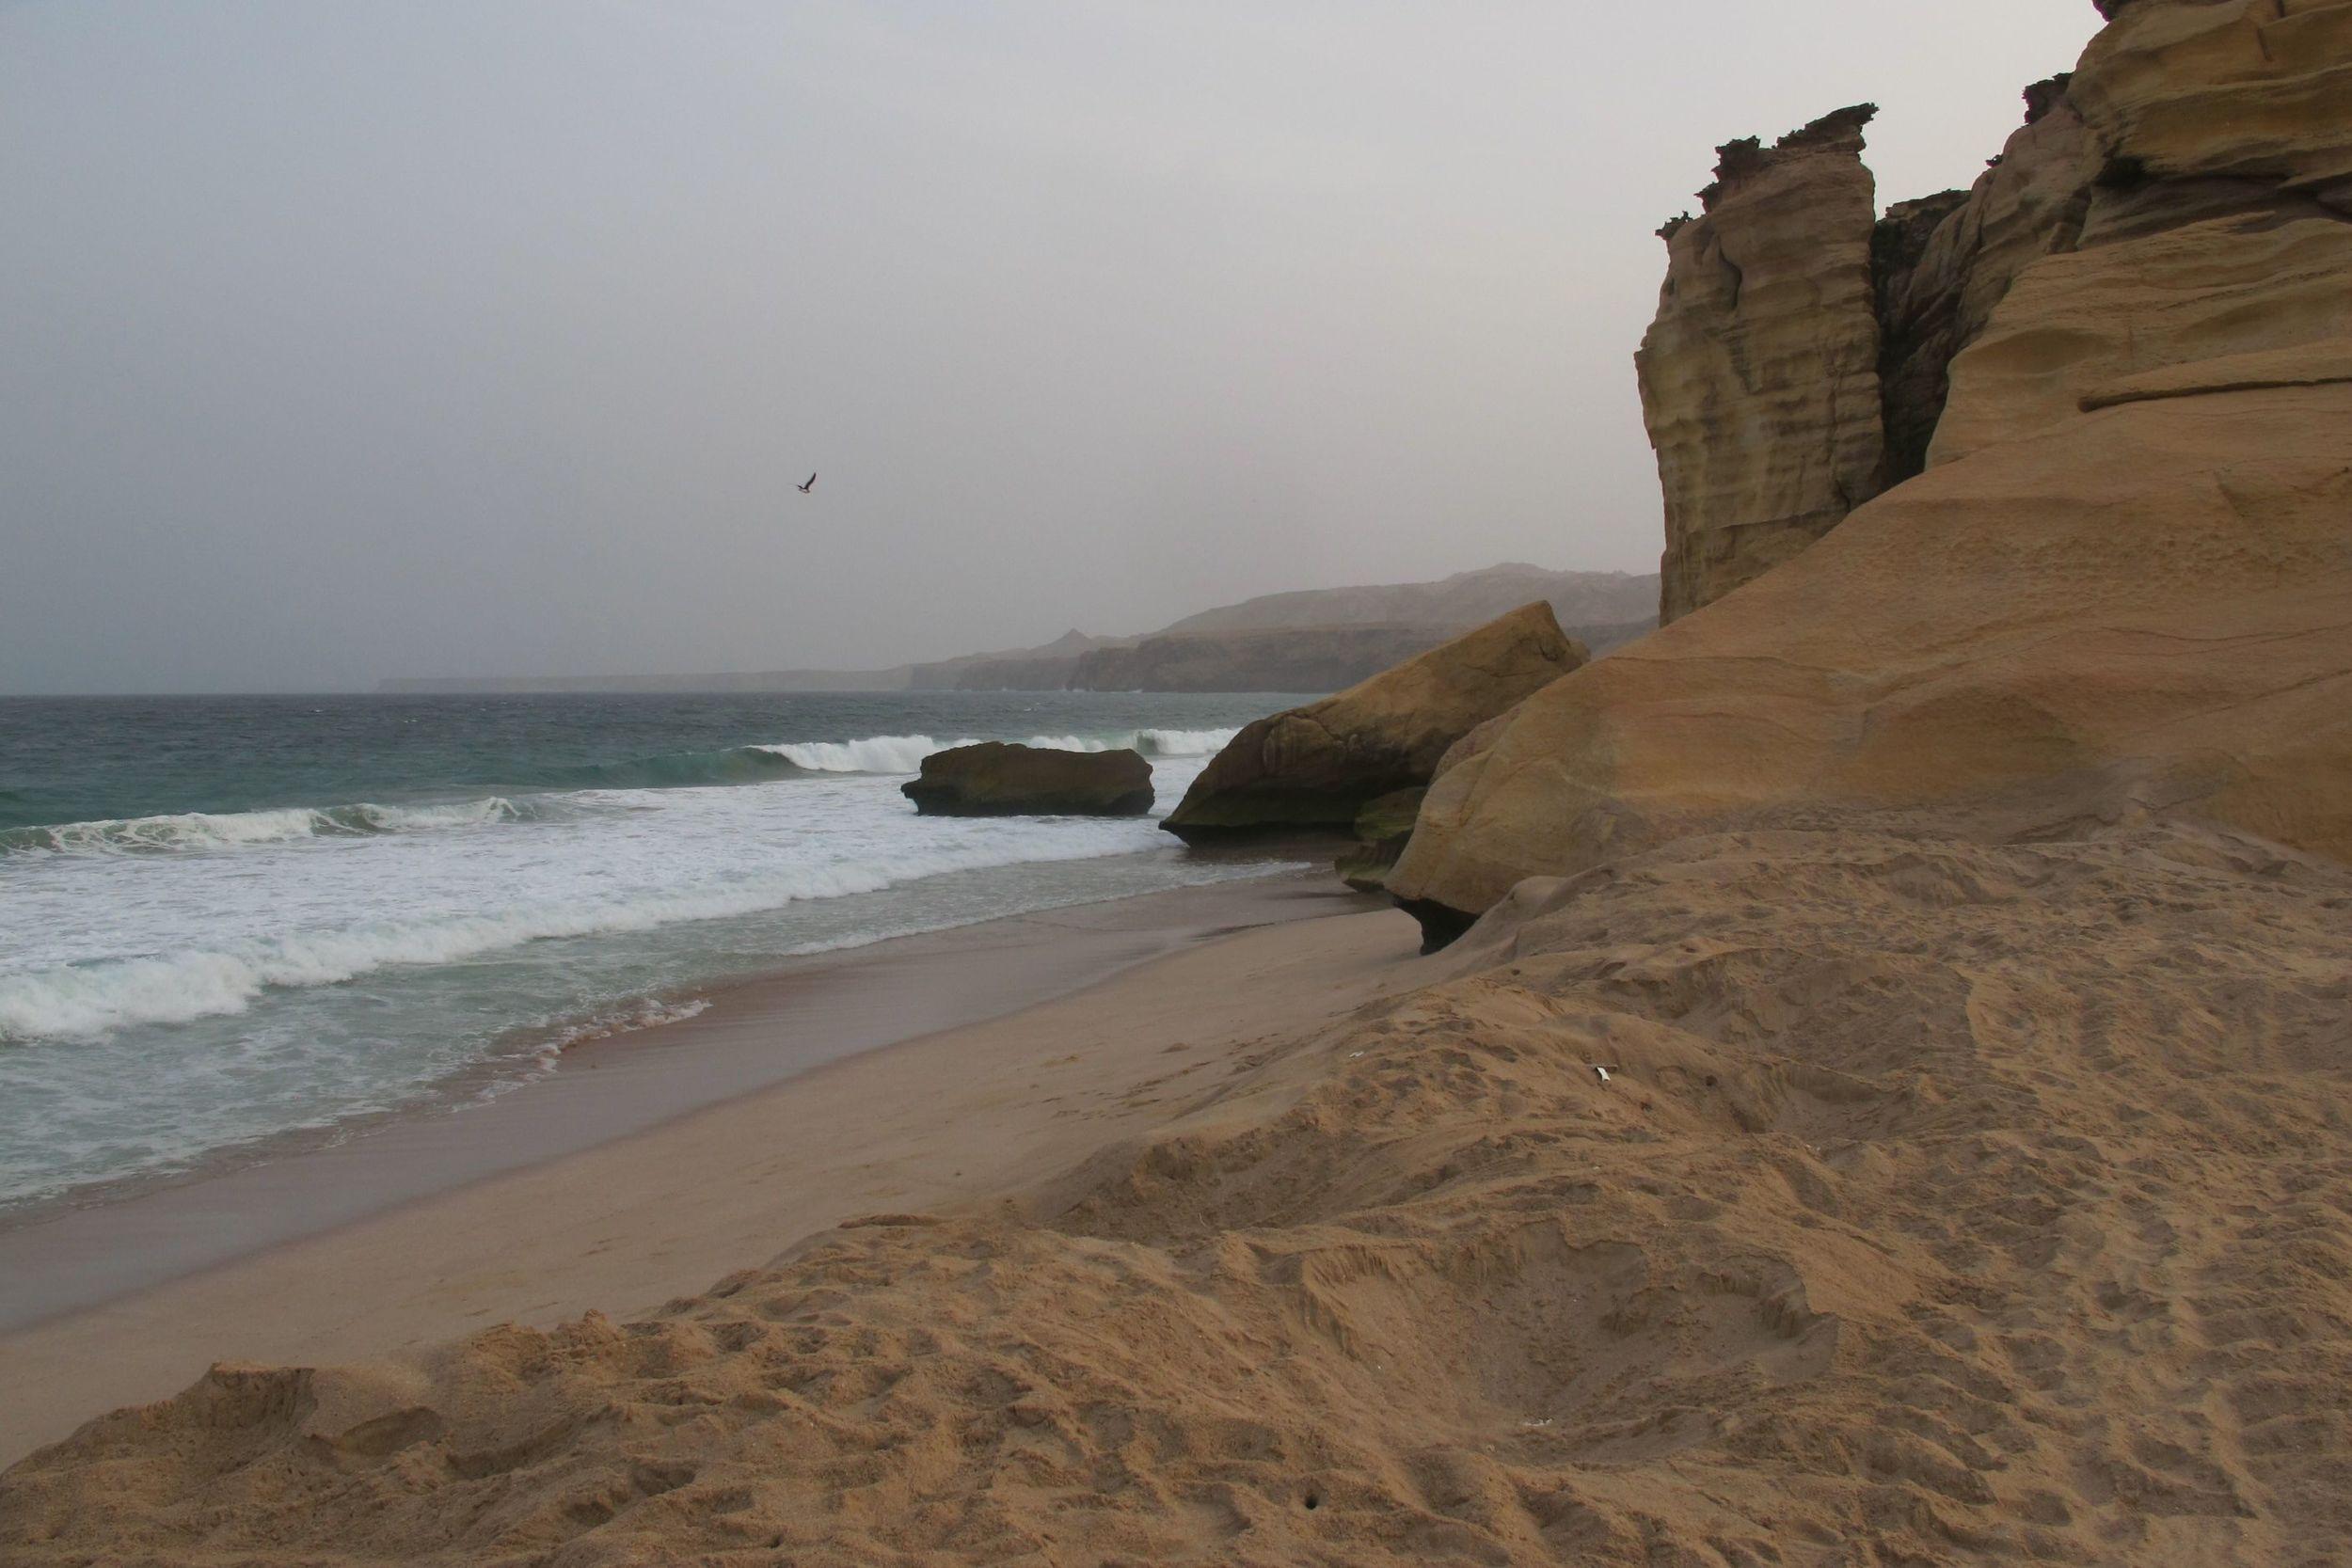 The beach at Ras Al Jinz